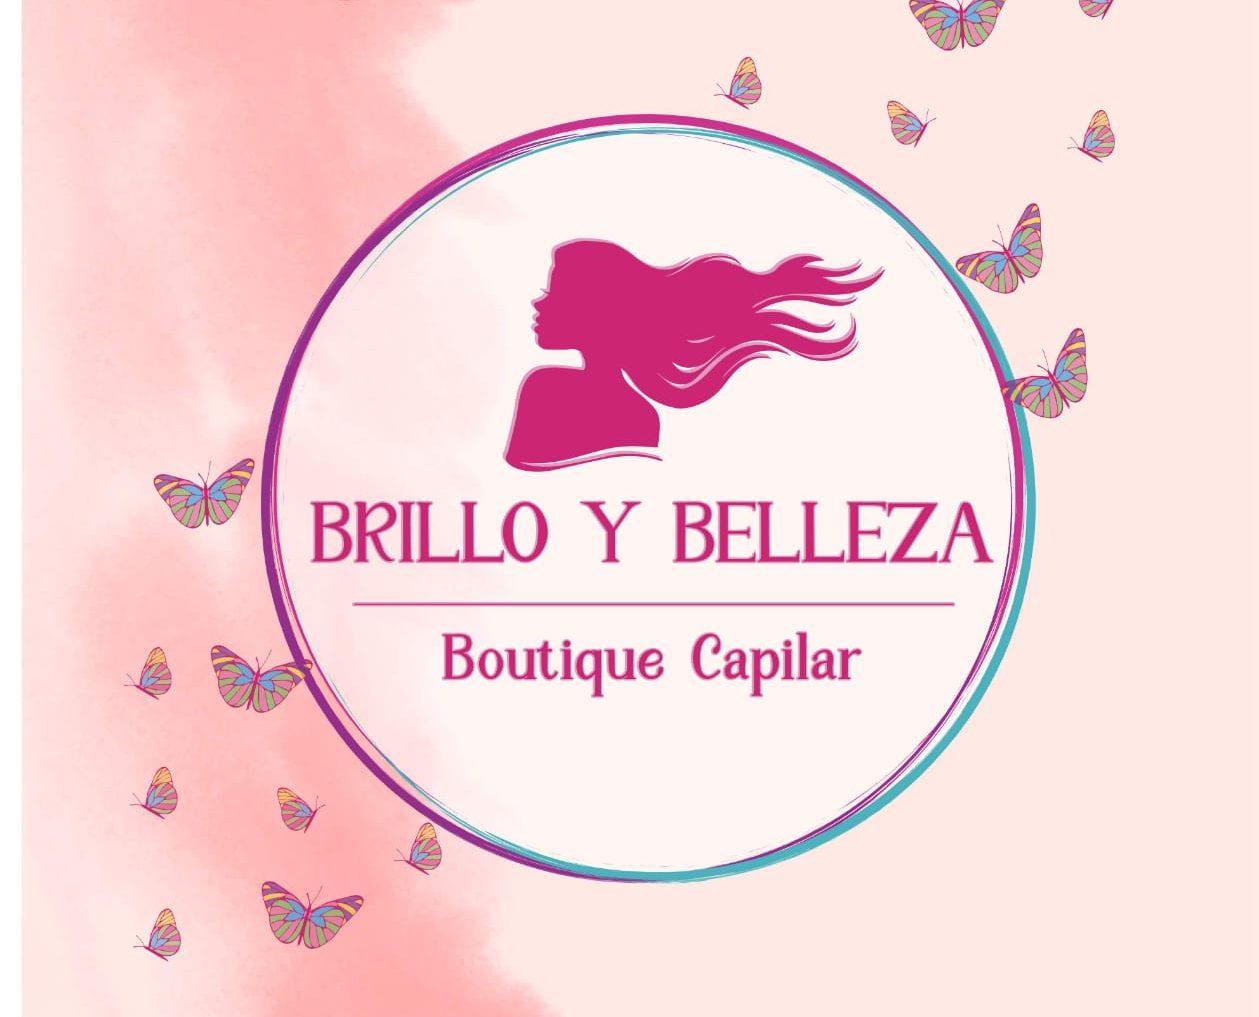 Brillo y Belleza Boutique Capilar